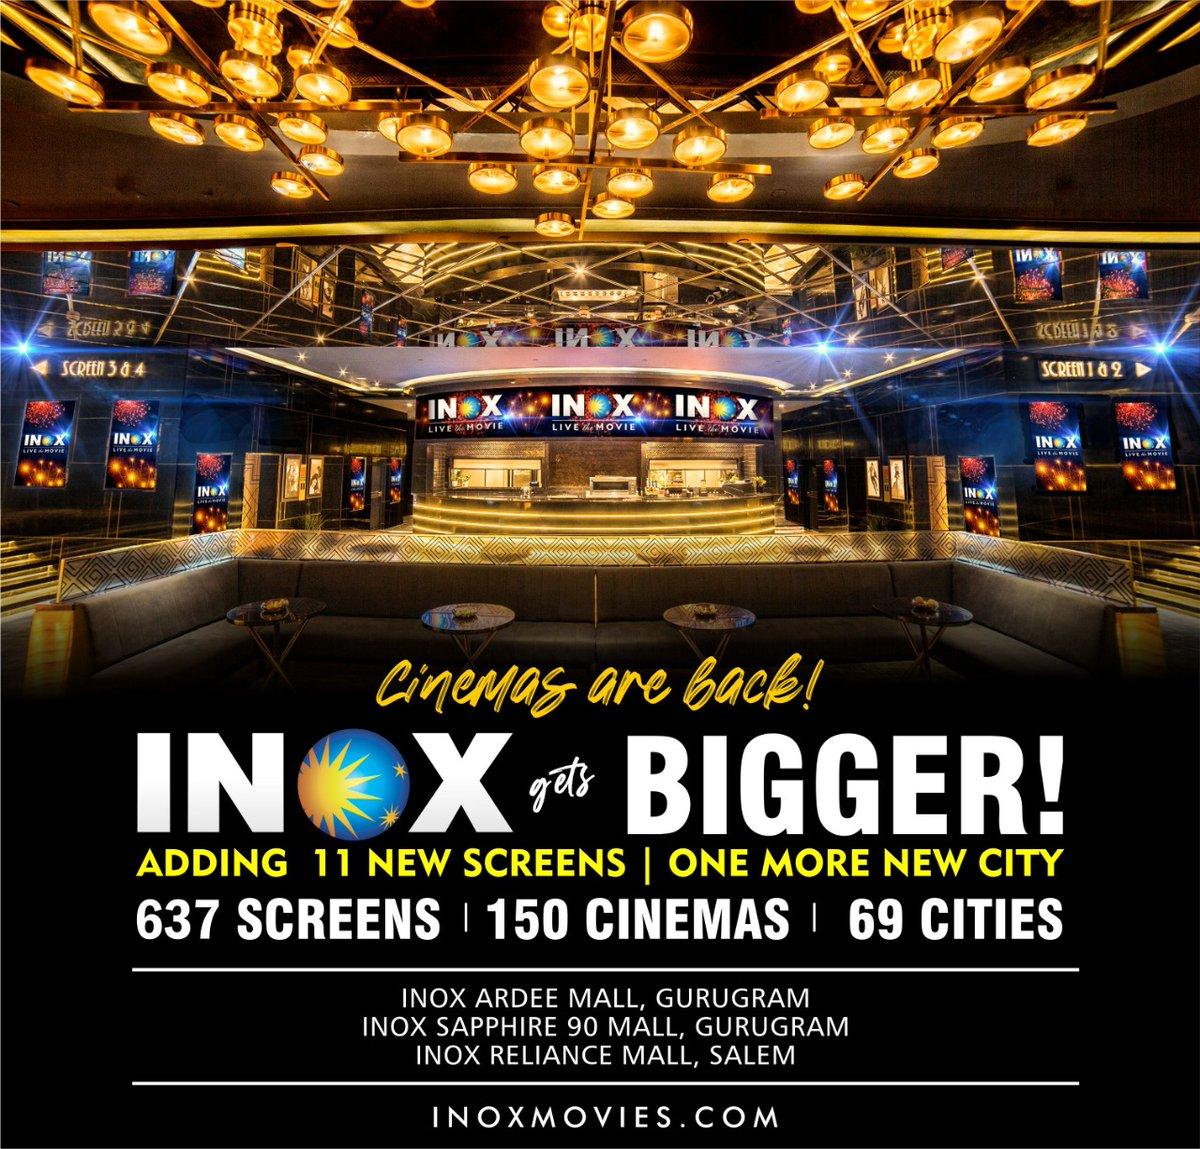 #INOX gets bigger... Opens 3 New Properties - 2 in #Gurugram and one in #Salem... 11 screens [combined]... More details in the poster... #CinemasAreBack   #InoxSalem